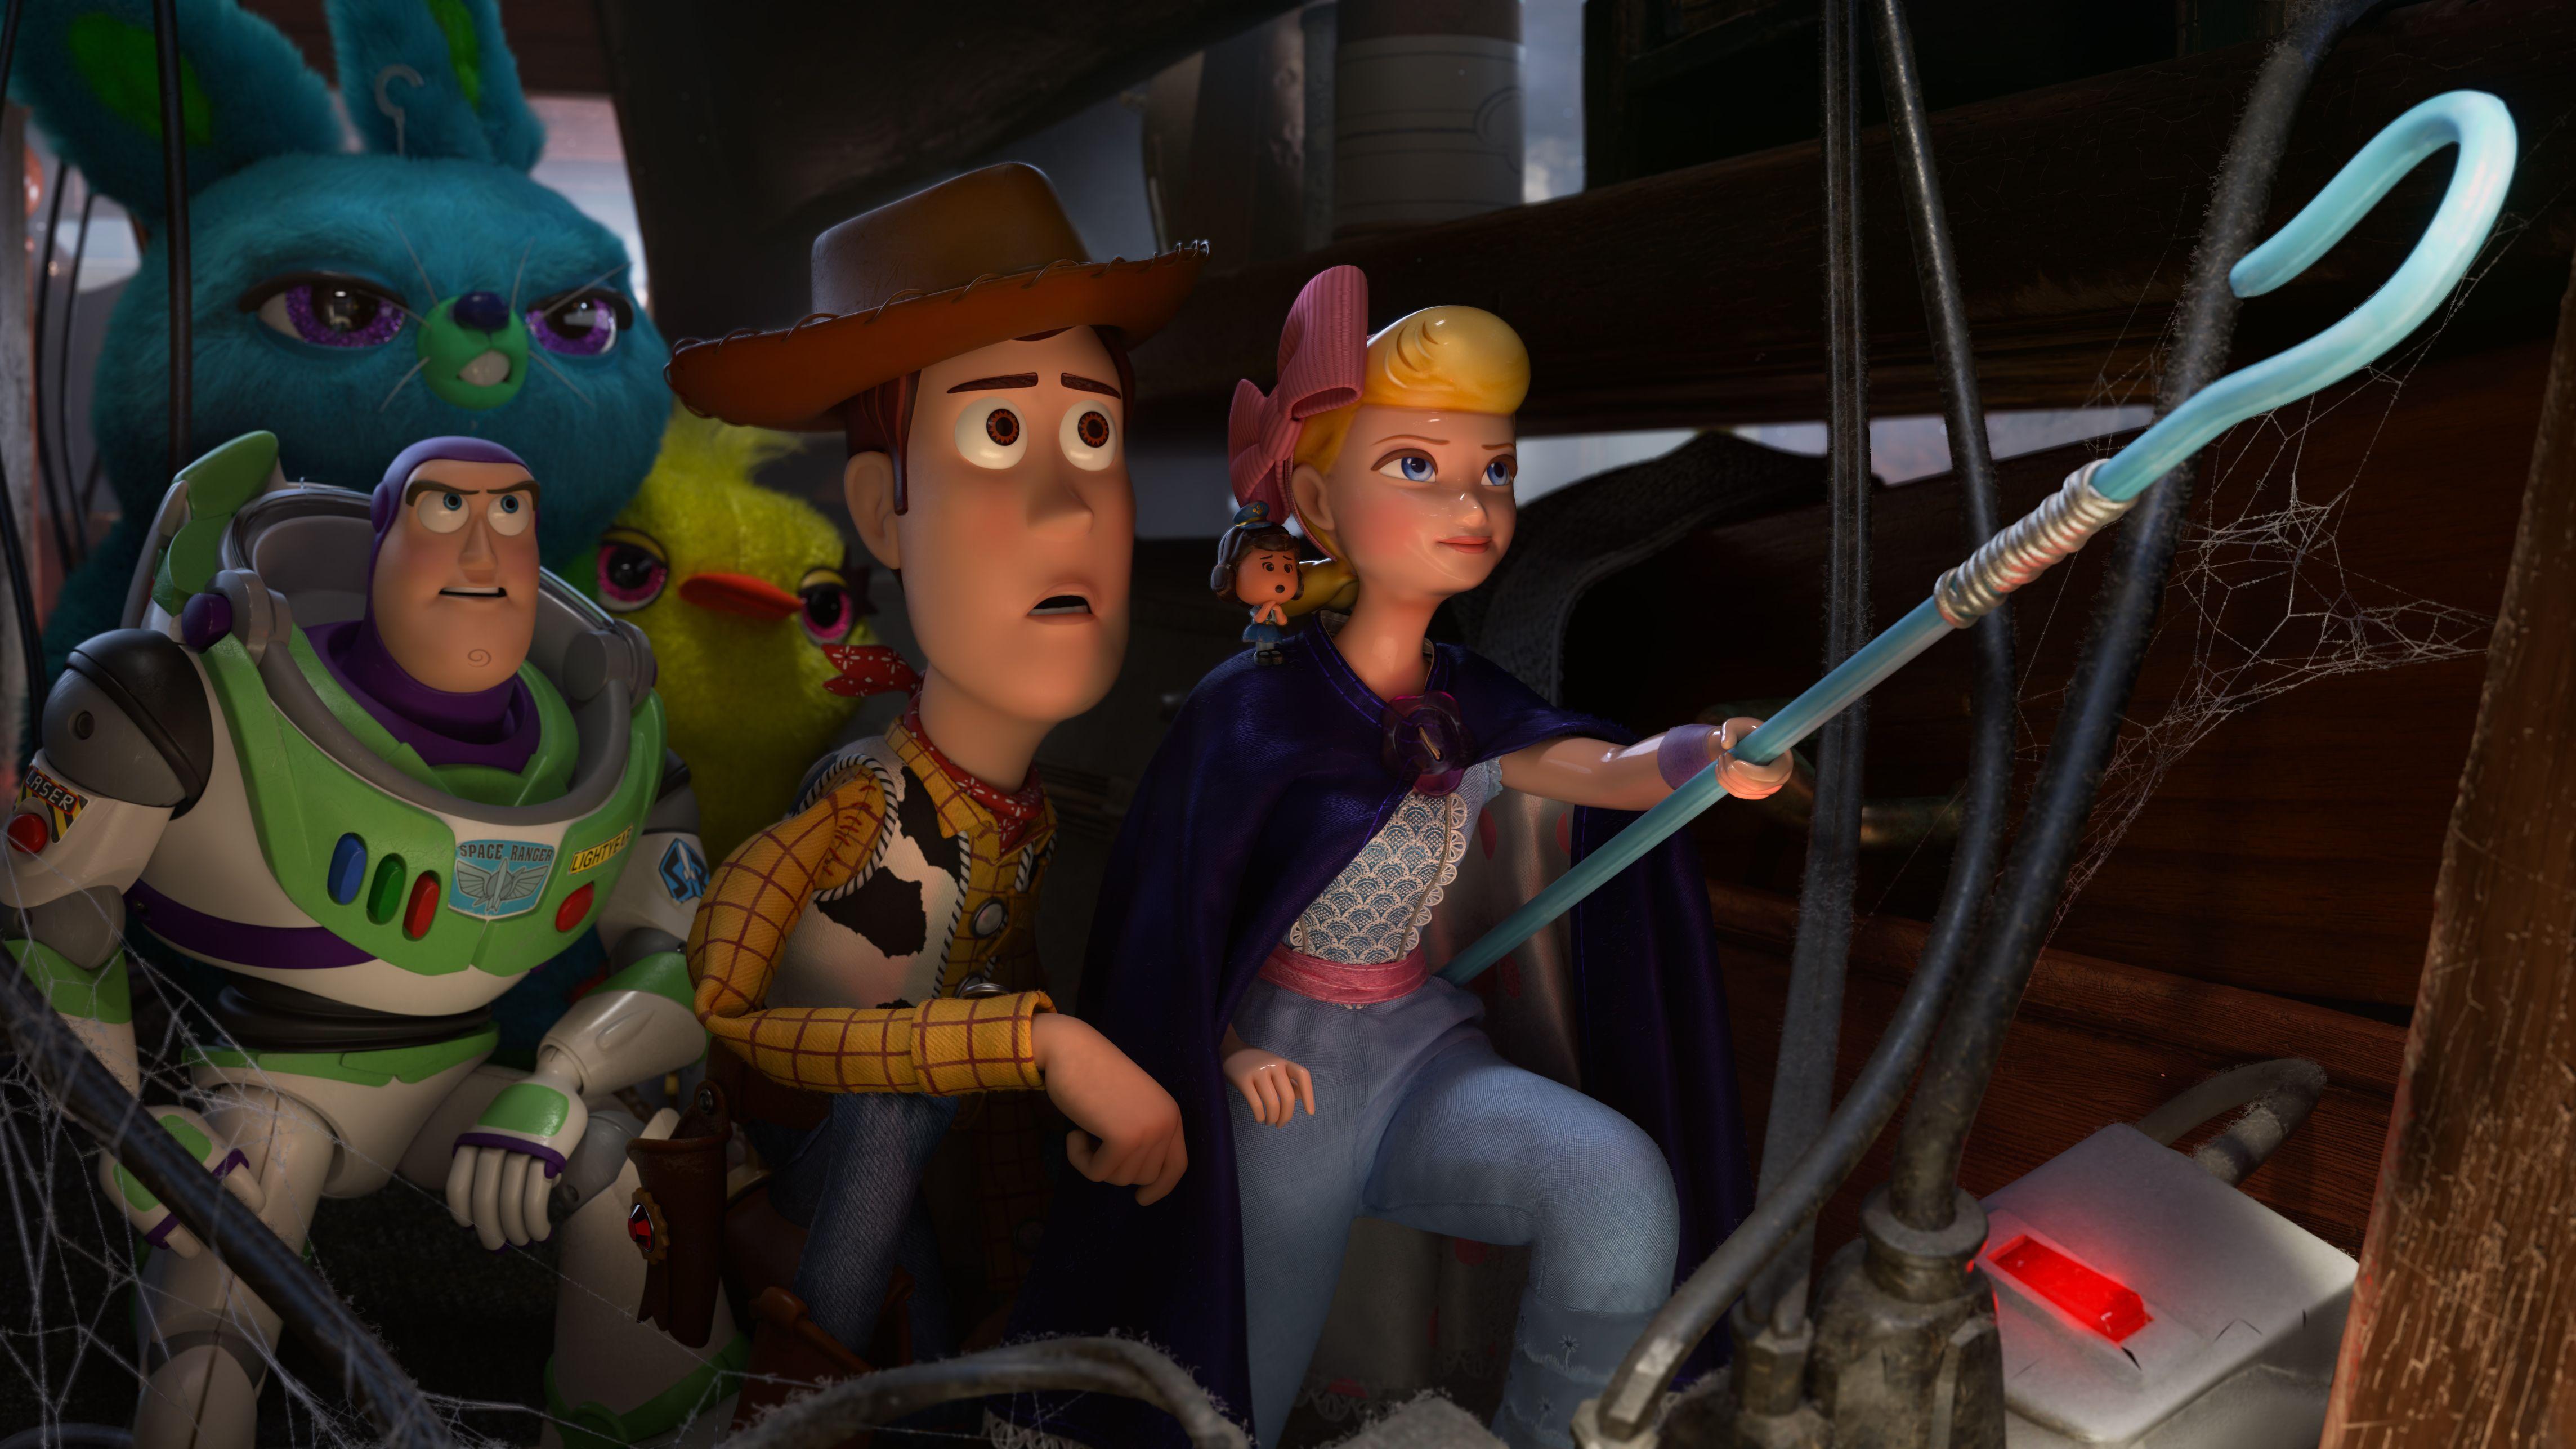 """Szene aus """"Toy Story"""": Spielzeugfiguren gehen vor dunklem Hintergrund in einer Gruppe auf einen Gegner zu, der nicht im Bild zu sehen ist"""